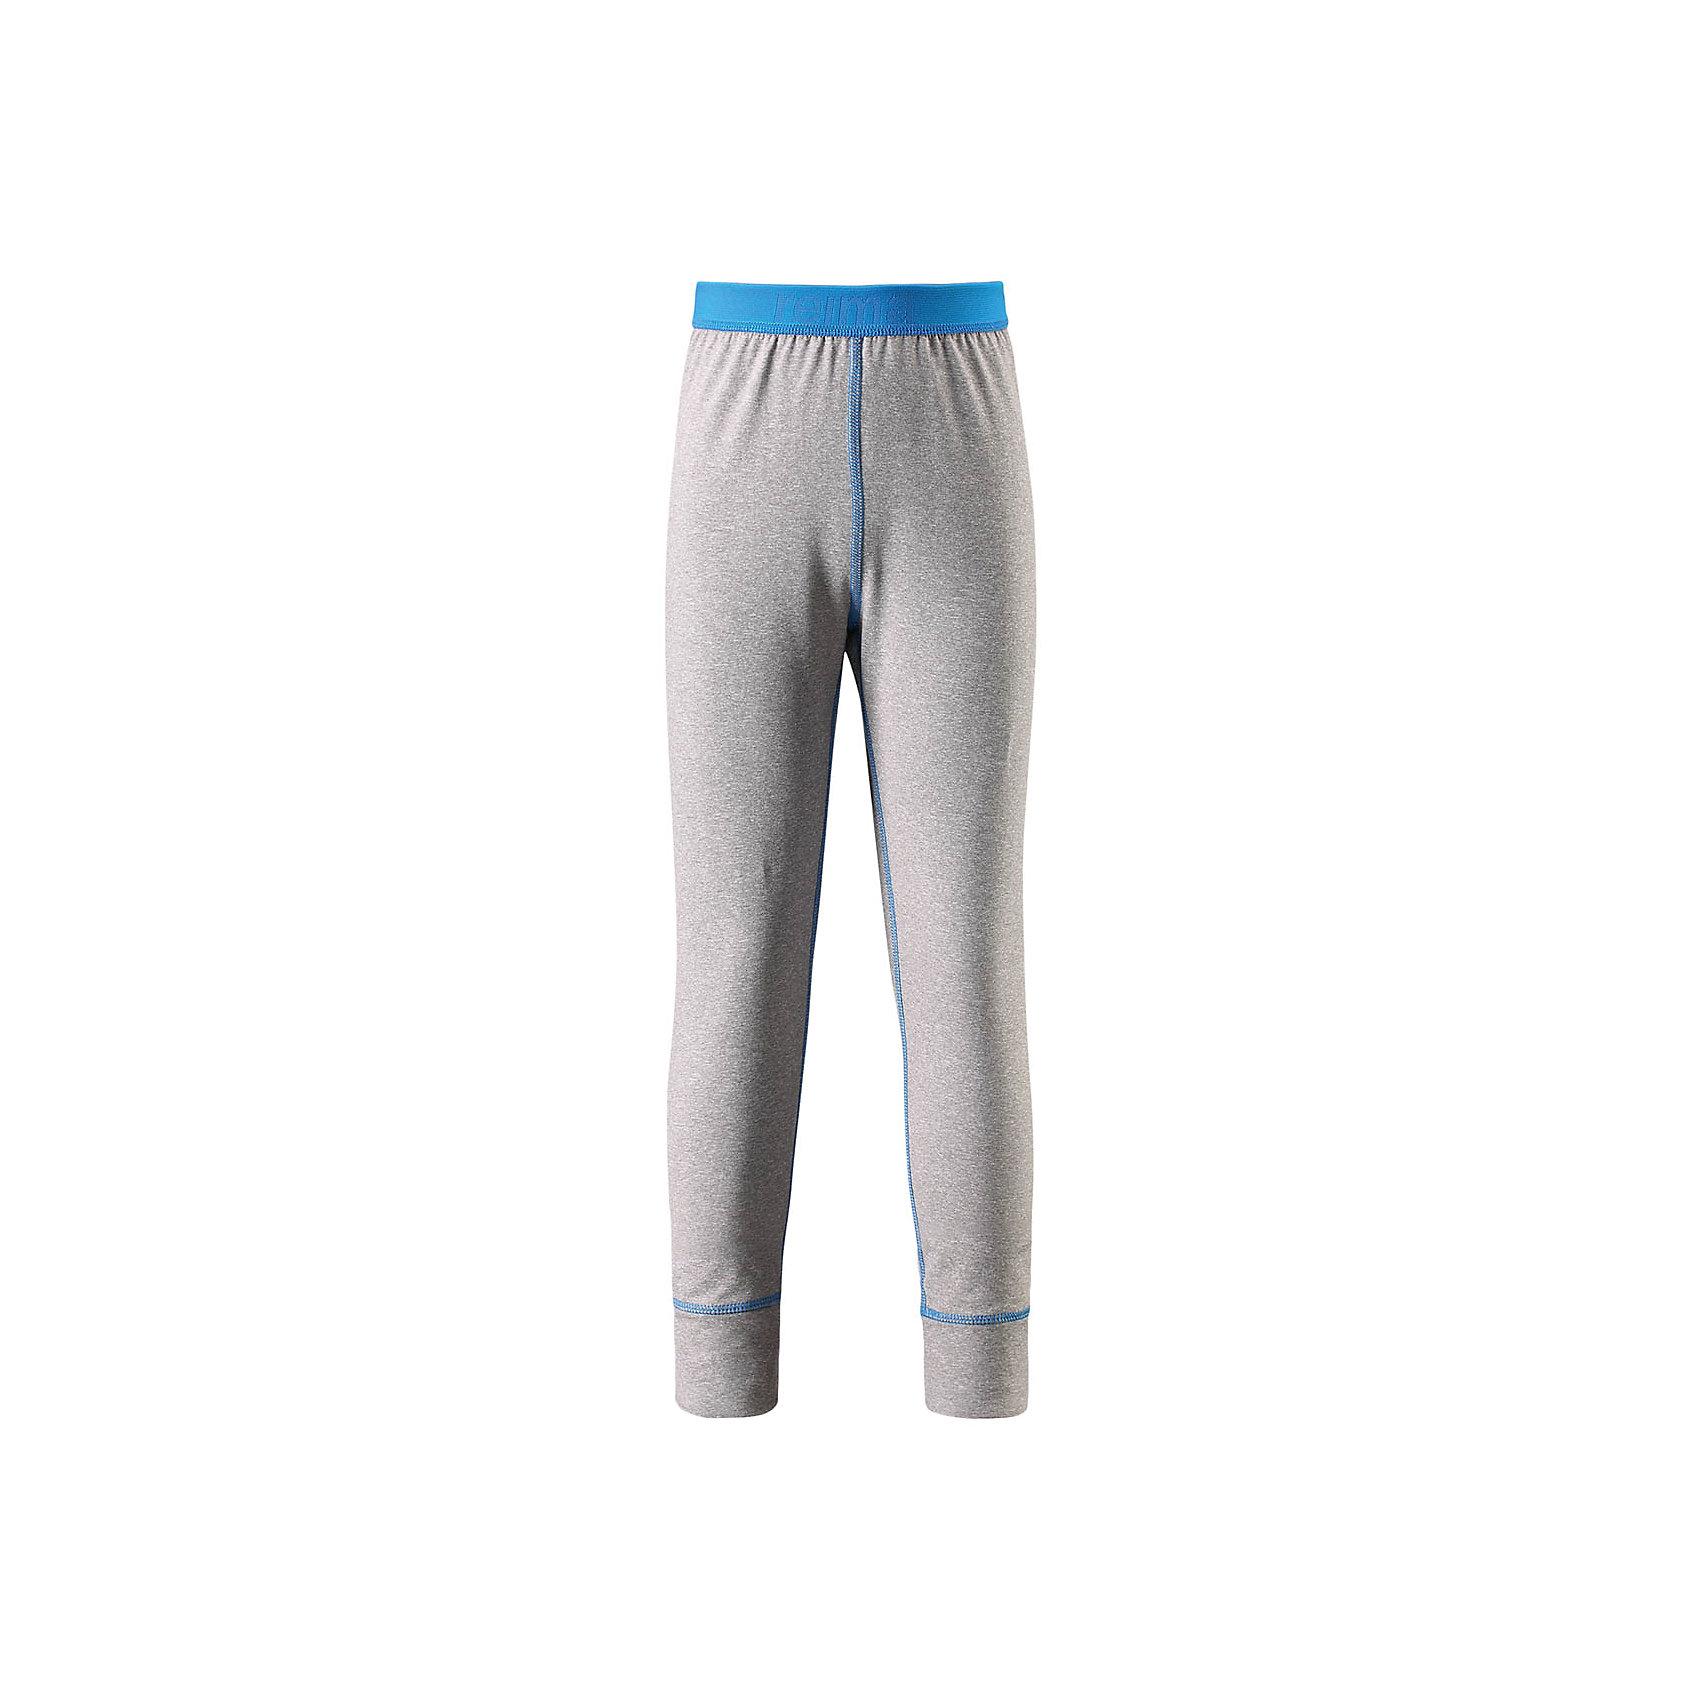 Брюки Reima FilzФлис и термобелье<br>Характеристики товара:<br><br>• цвет: серый/голубой;<br>• состав: 92% полиэстер, 8% эластан; <br>• сезон: демисезон;<br>• мягкая ткань с начесом, приятная на ощупь;<br>• гладкая передняя часть;<br>• выводит влагу в верхние слои одежды;<br>• мягкие плоские швы для дополнительного комфорта: не раздражают кожу;<br>• эластичная талия;<br>• страна бренда: Финляндия;<br>• страна изготовитель: Китай;<br><br>Удобные стрейчевые леггинсы для подростков изготовлены из мягкого эластичного меланжевого джерси с гладкой поверхностью. Изнаночная сторона с начесом очень удобная и приятная на ощупь, а плоские швы не натирают кожу. Дышащий материал эффективно выводит влагу в верхние слои одежды и быстро сохнет. Материал имеет УФ-защиту 50+. Эти леггинсы станут отличным выбором для активных прогулок.<br><br>Брюки Filz Reima (Рейма) можно купить в нашем интернет-магазине.<br><br>Ширина мм: 215<br>Глубина мм: 88<br>Высота мм: 191<br>Вес г: 336<br>Цвет: серый<br>Возраст от месяцев: 156<br>Возраст до месяцев: 168<br>Пол: Унисекс<br>Возраст: Детский<br>Размер: 164,104,110,116,122,128,134,140,146,152,158<br>SKU: 6906413